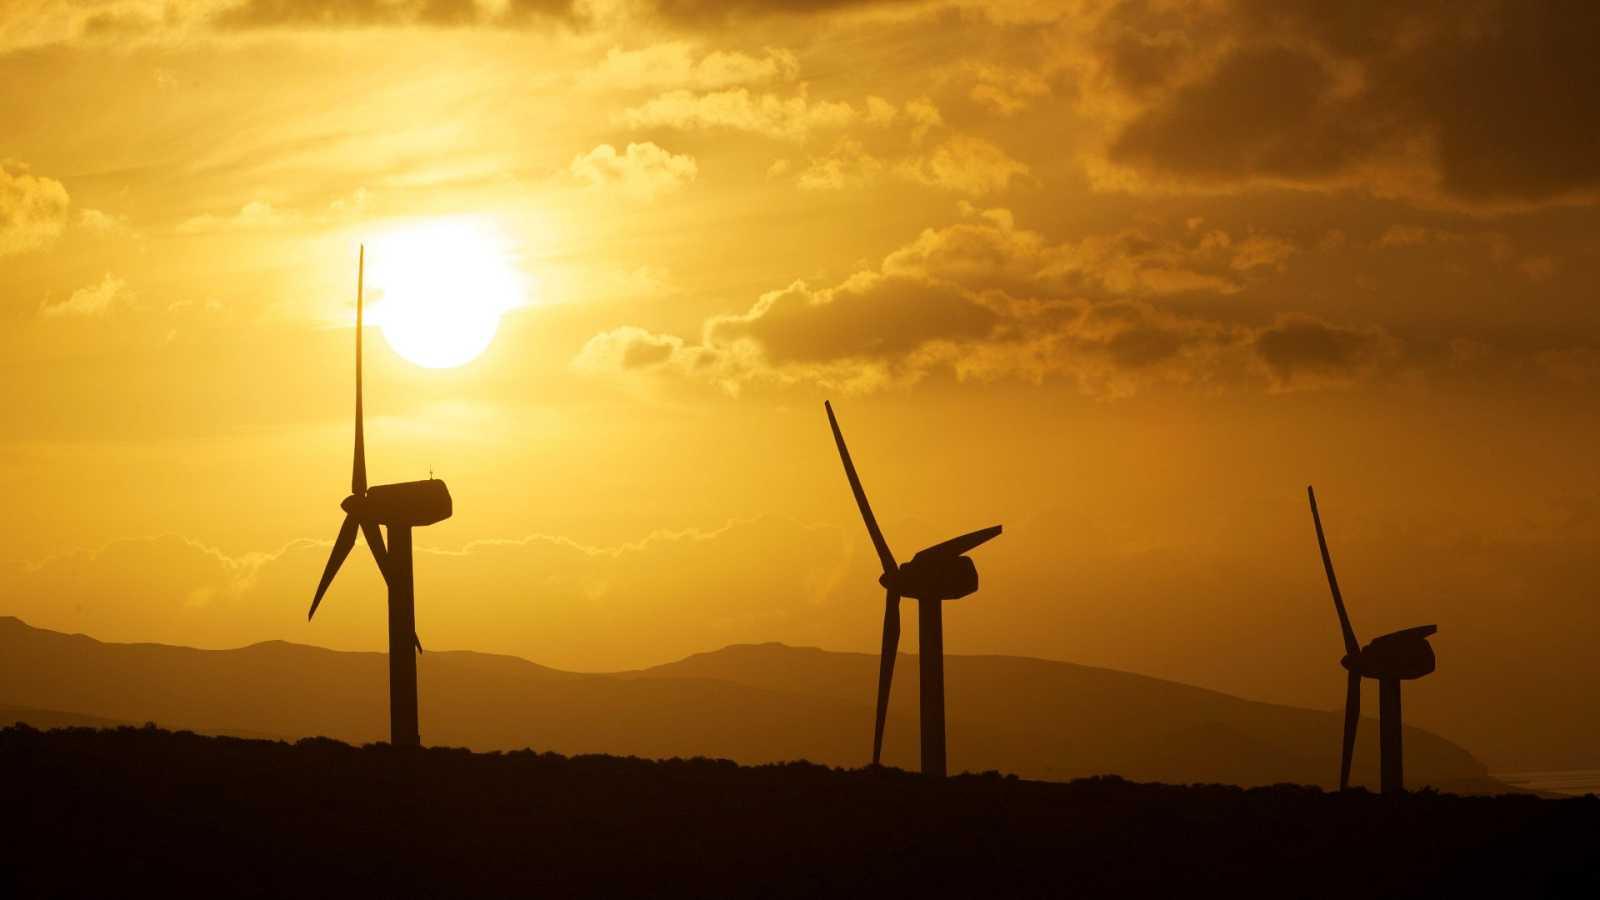 La fiebre por los parques eólicos divide a los vecinos en Teruel